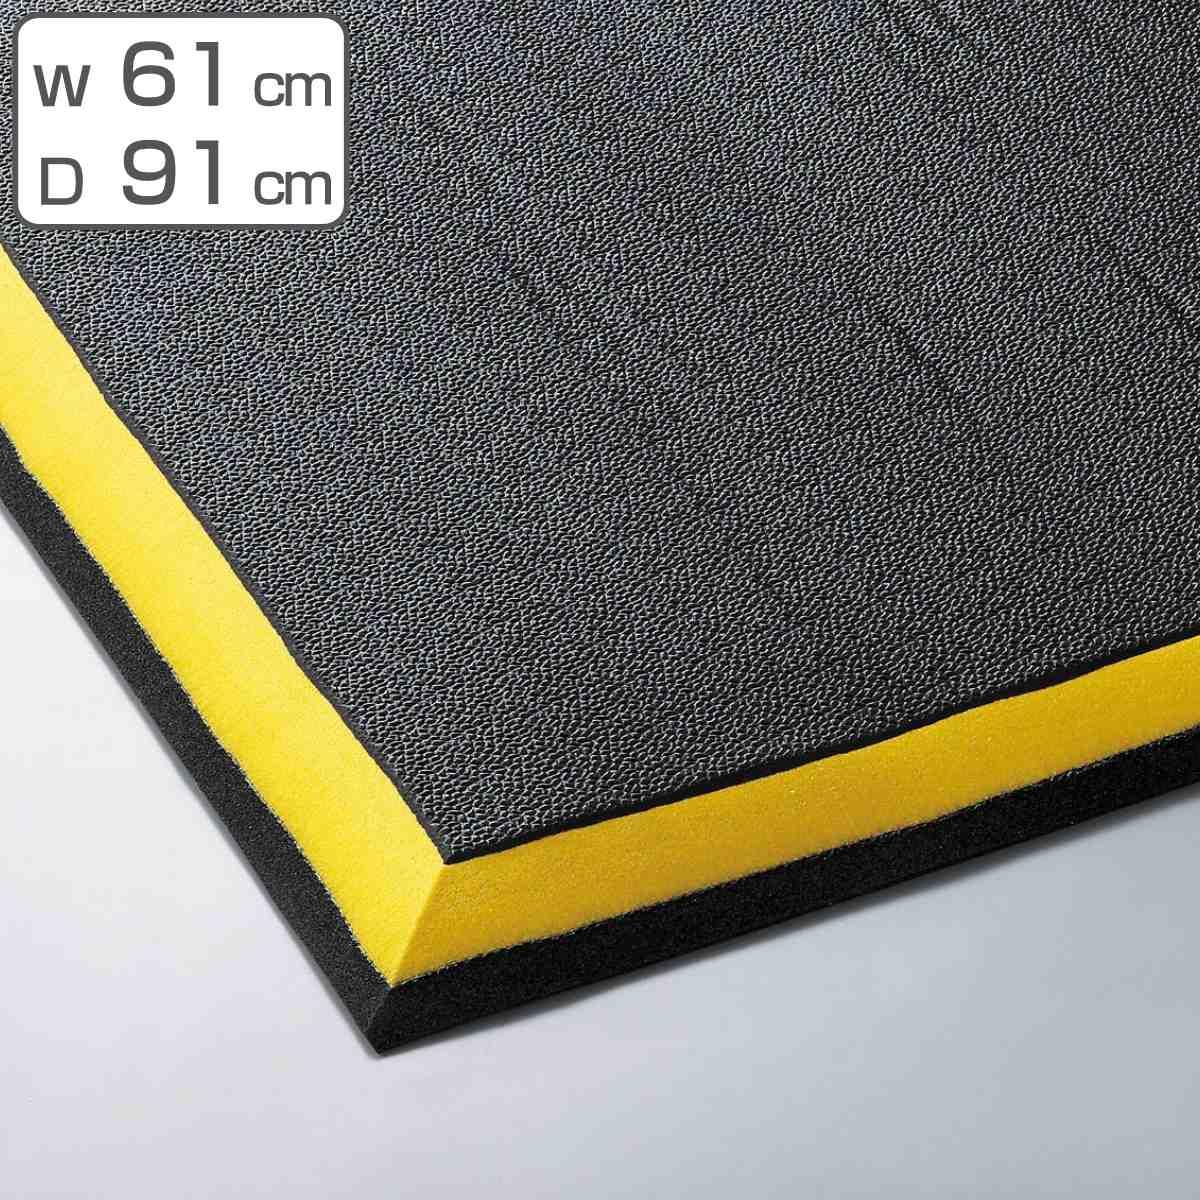 クッションマット ケアソフト クッションキングEX 610×910 (山崎産業 送料無料 ) 【4500円以上送料無料】